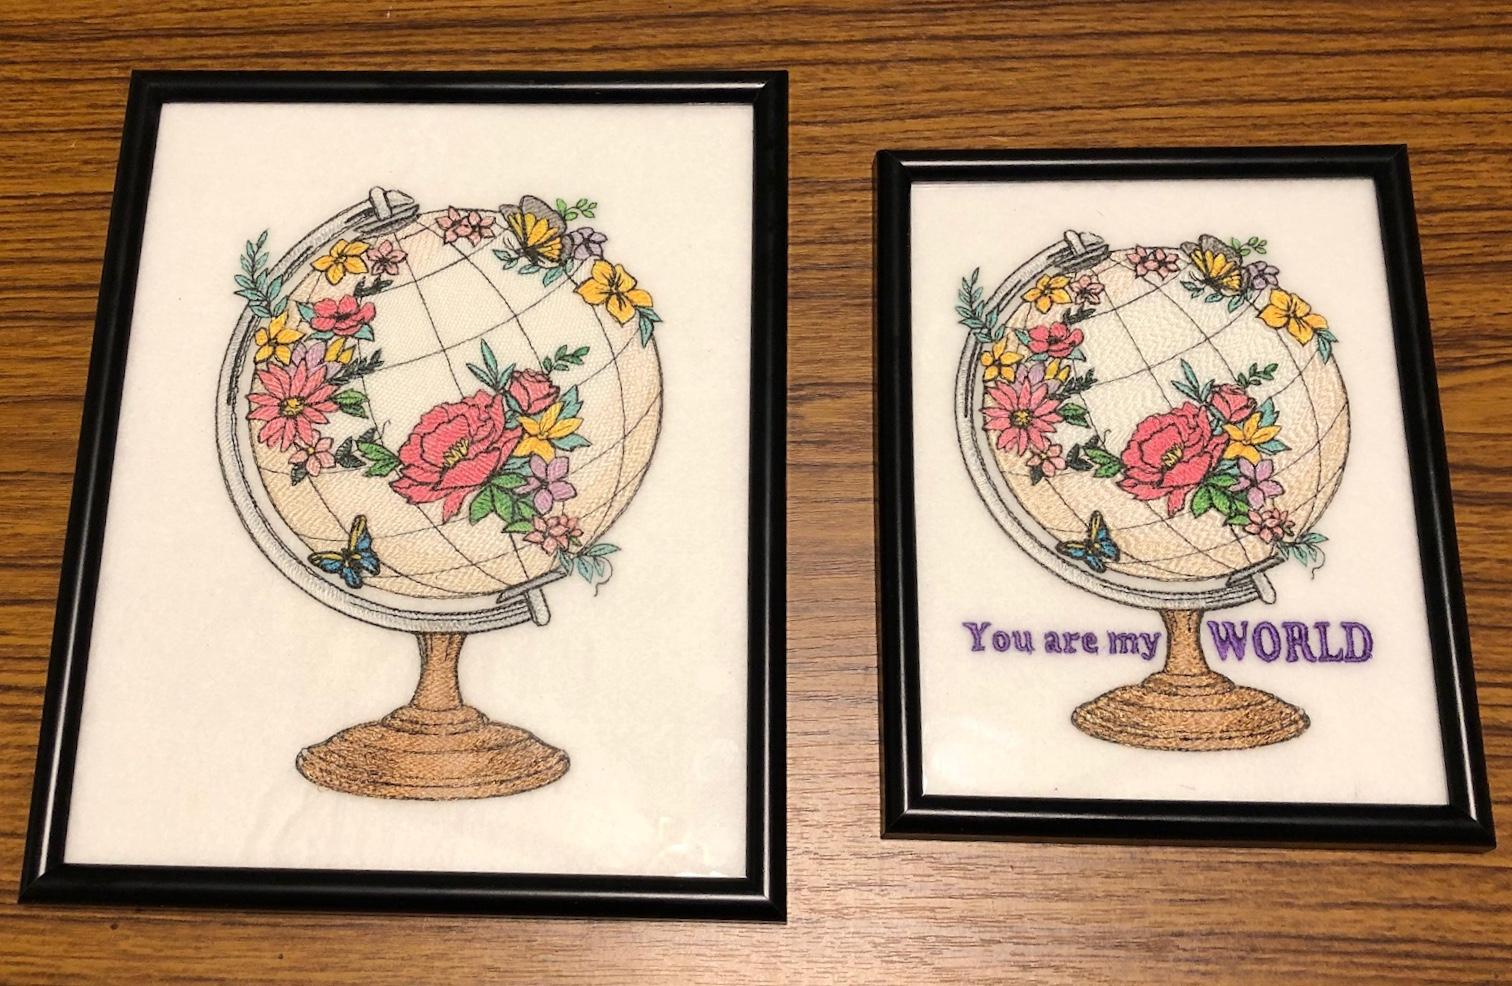 Embroidery/C017CC03-61AE-4434-AEA7-9716A90C7B49.jpeg